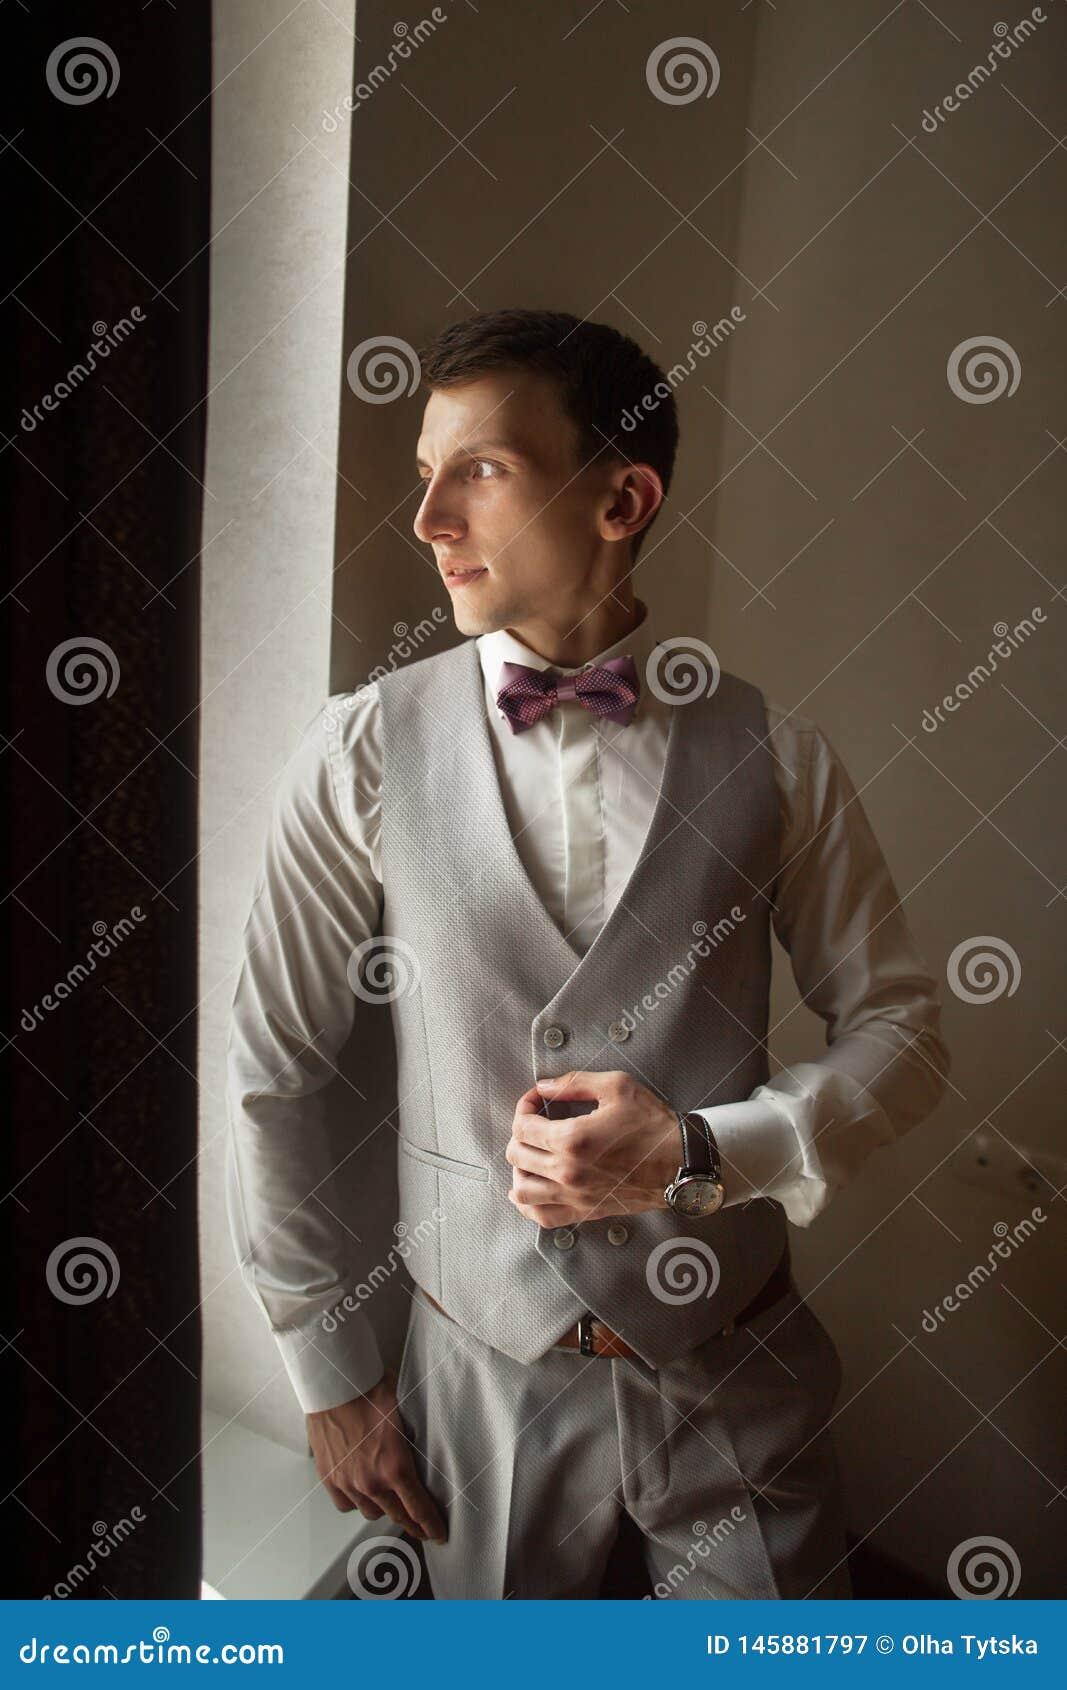 Ο μοντέρνος γαμπρός αναμένει τη νύφη κοντά στο παράθυρο Πορτρέτο του νεόνυμφου σε μια γκρίζα φανέλλα